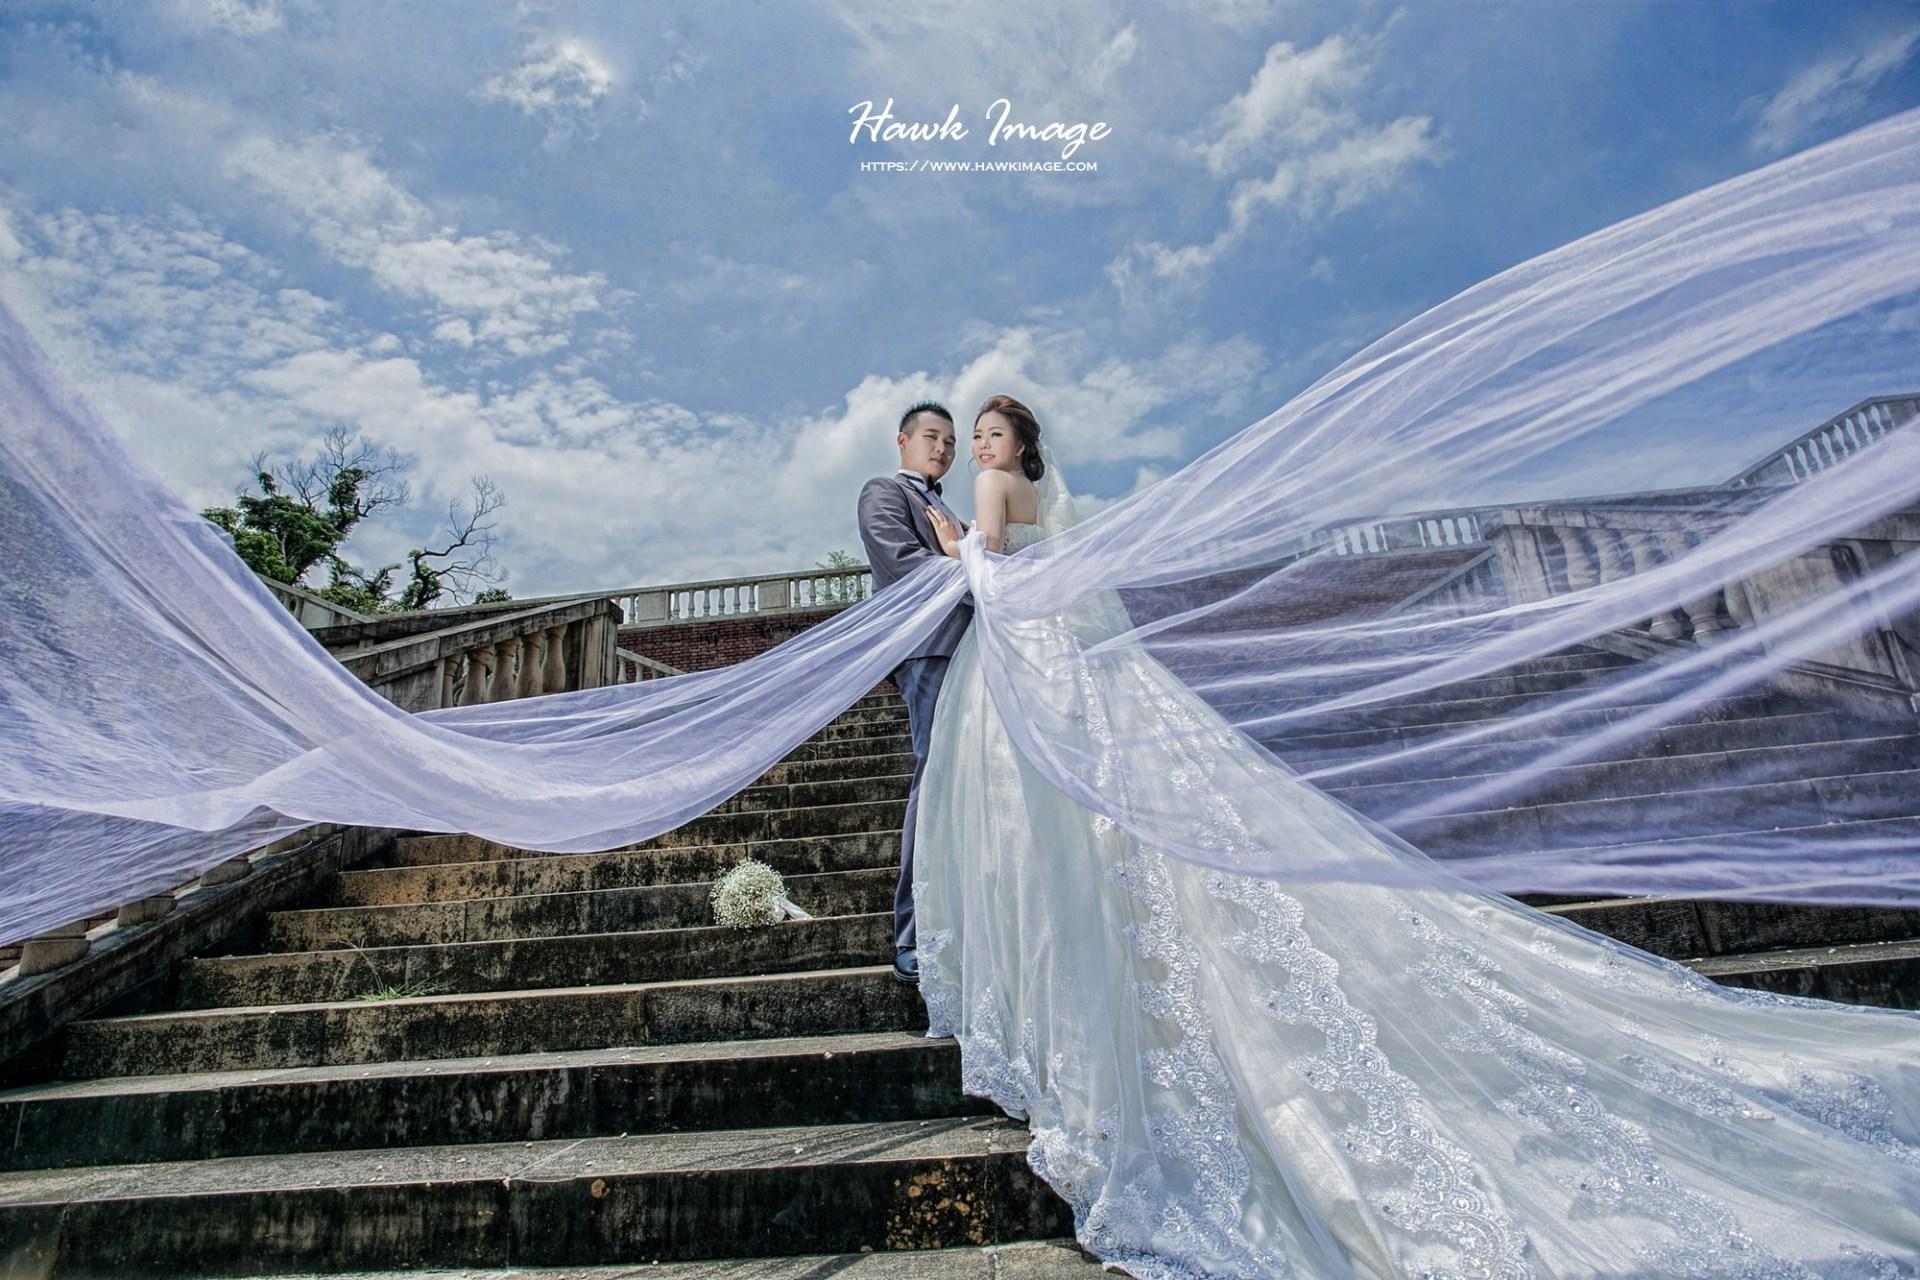 婚紗攝影,自助婚紗,拍婚紗,婚紗照,婚紗攝影 推薦,婚紗照 風格,海外婚紗,拍婚紗價格,中式婚紗,婚紗攝影 價格